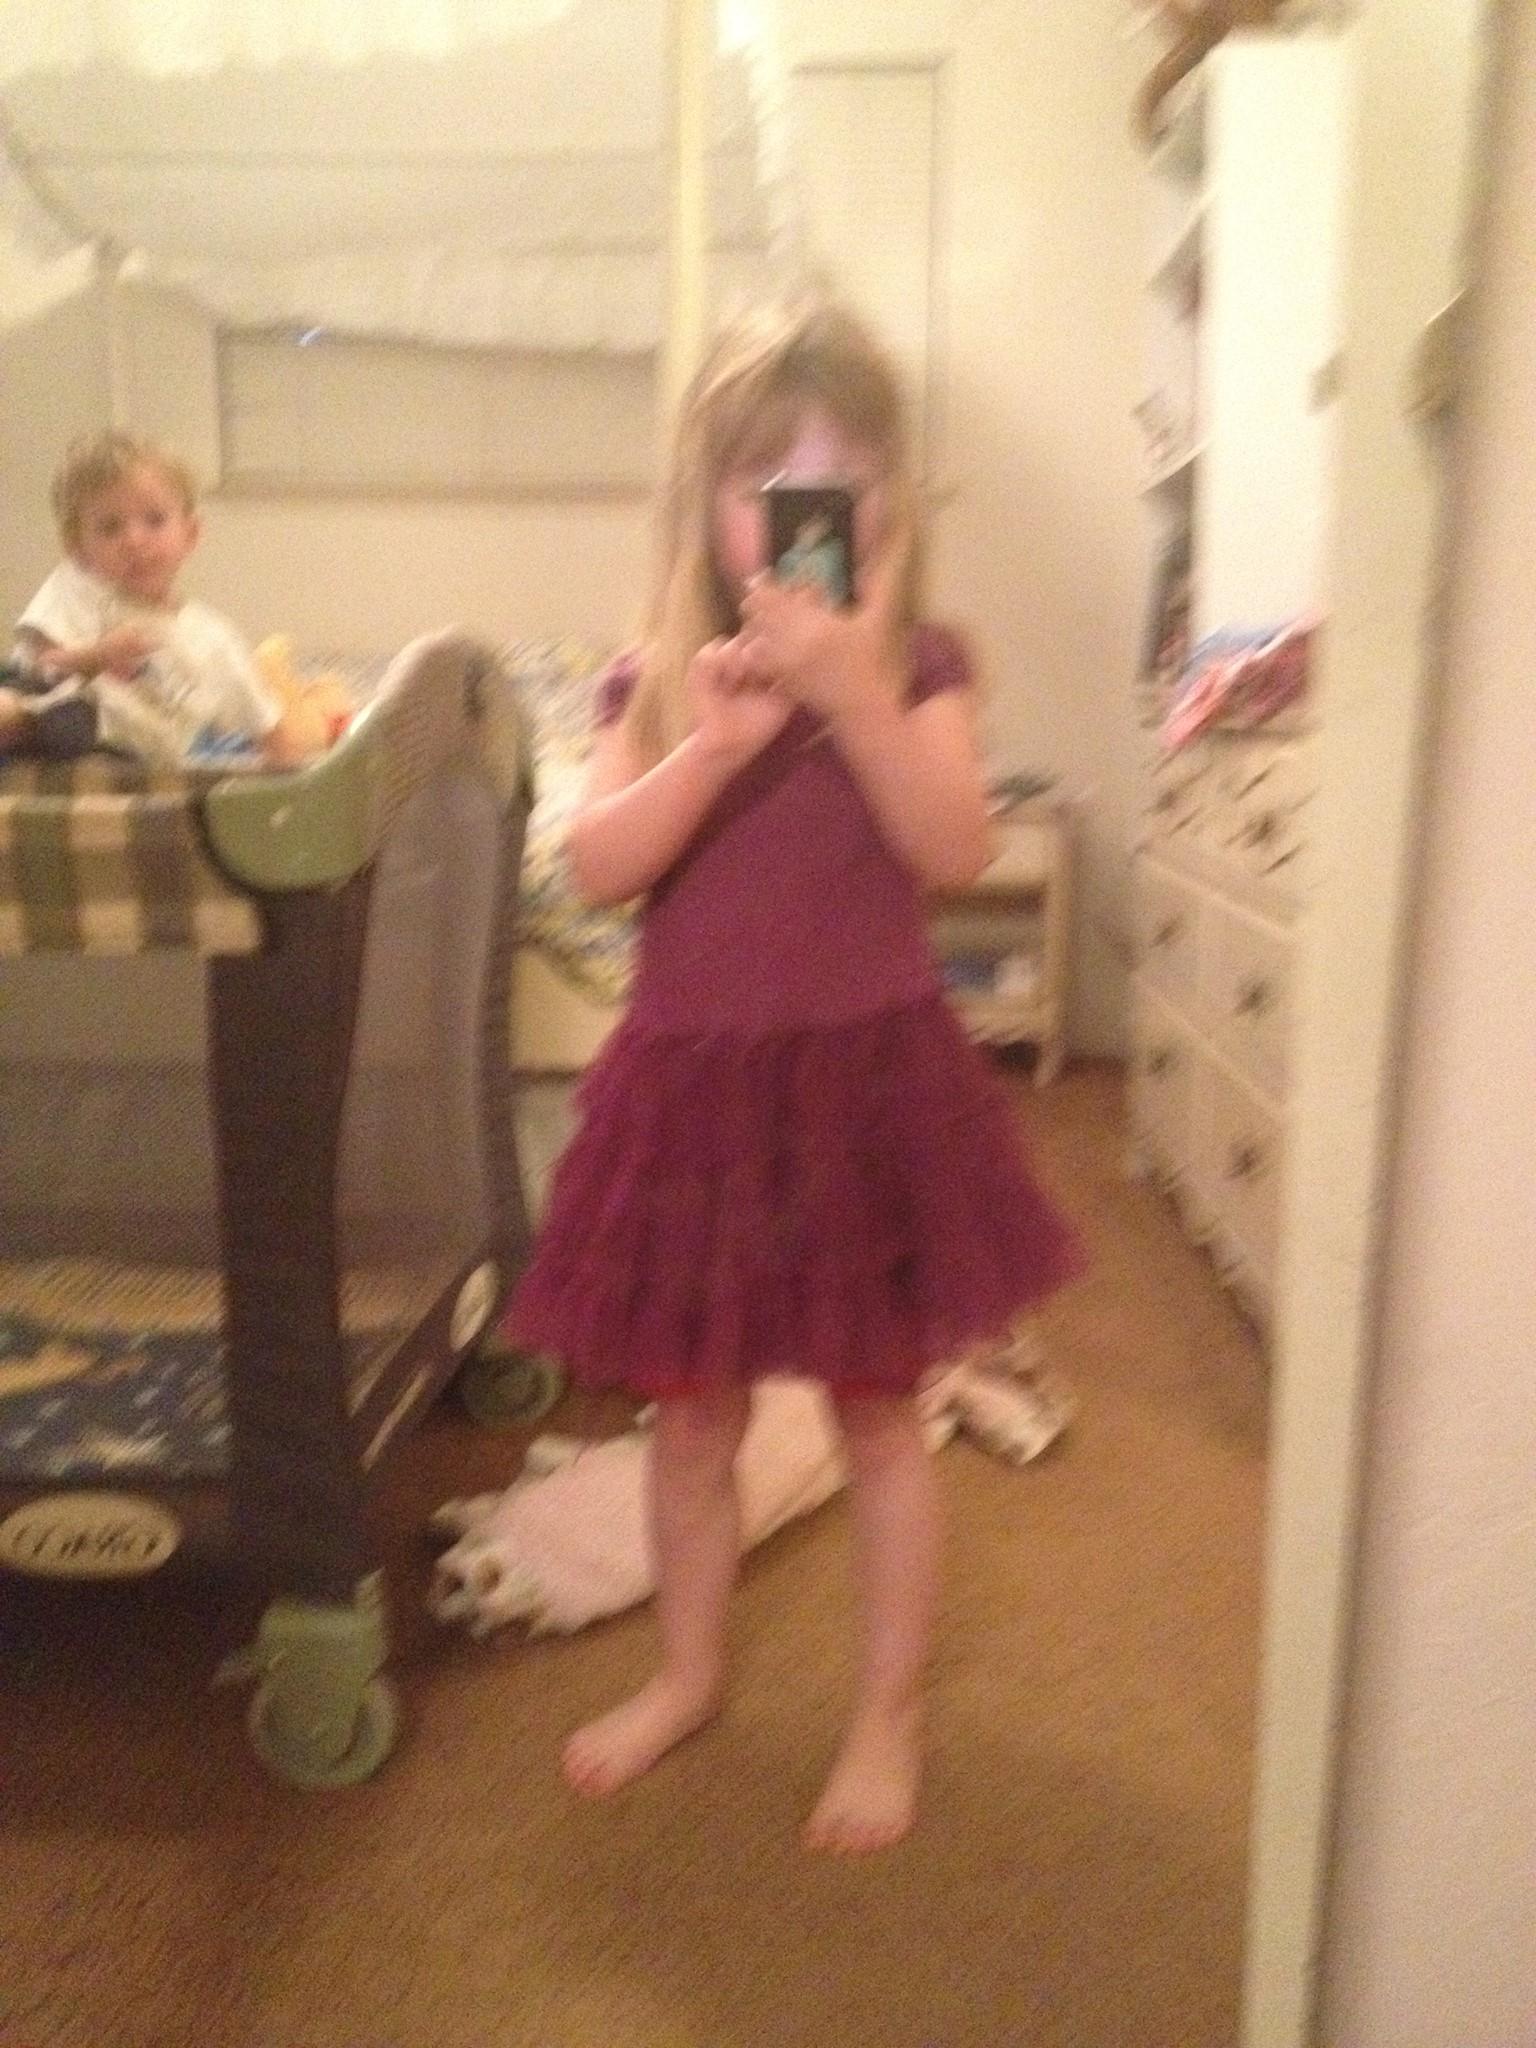 selfies girl Too young